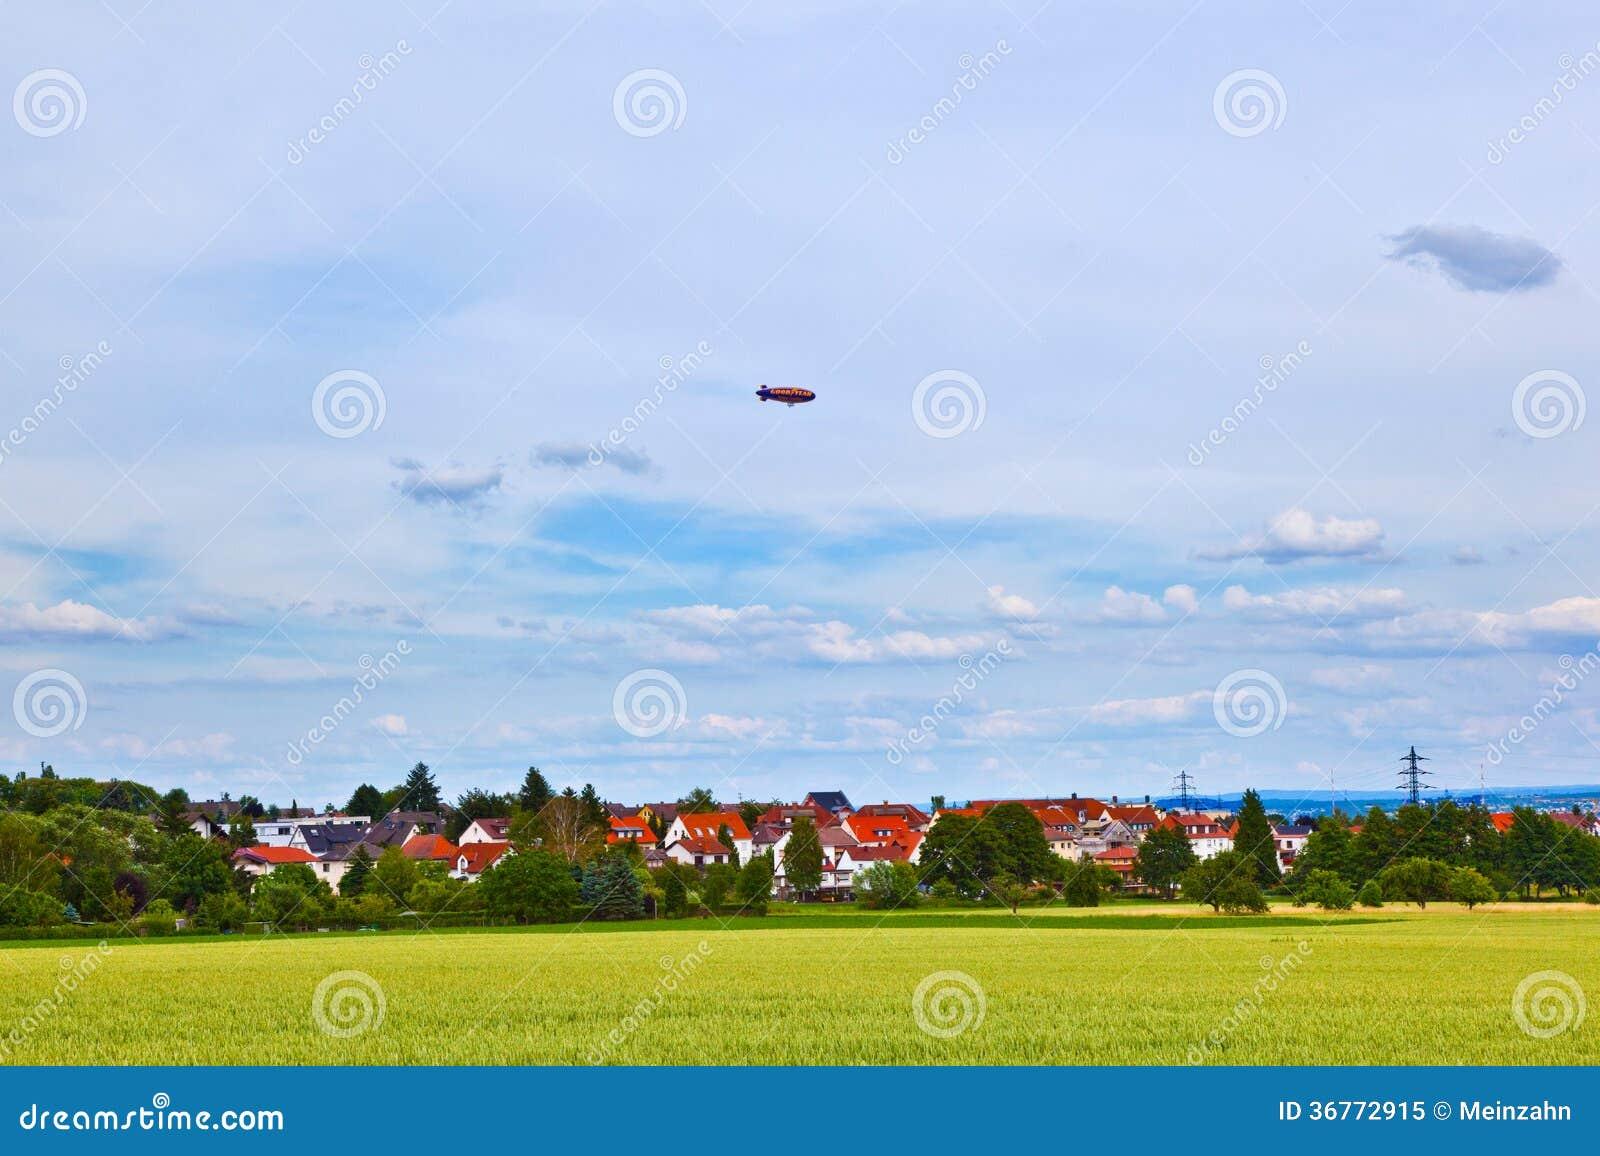 在天空的策帕林飞艇在被赞助的旅行中